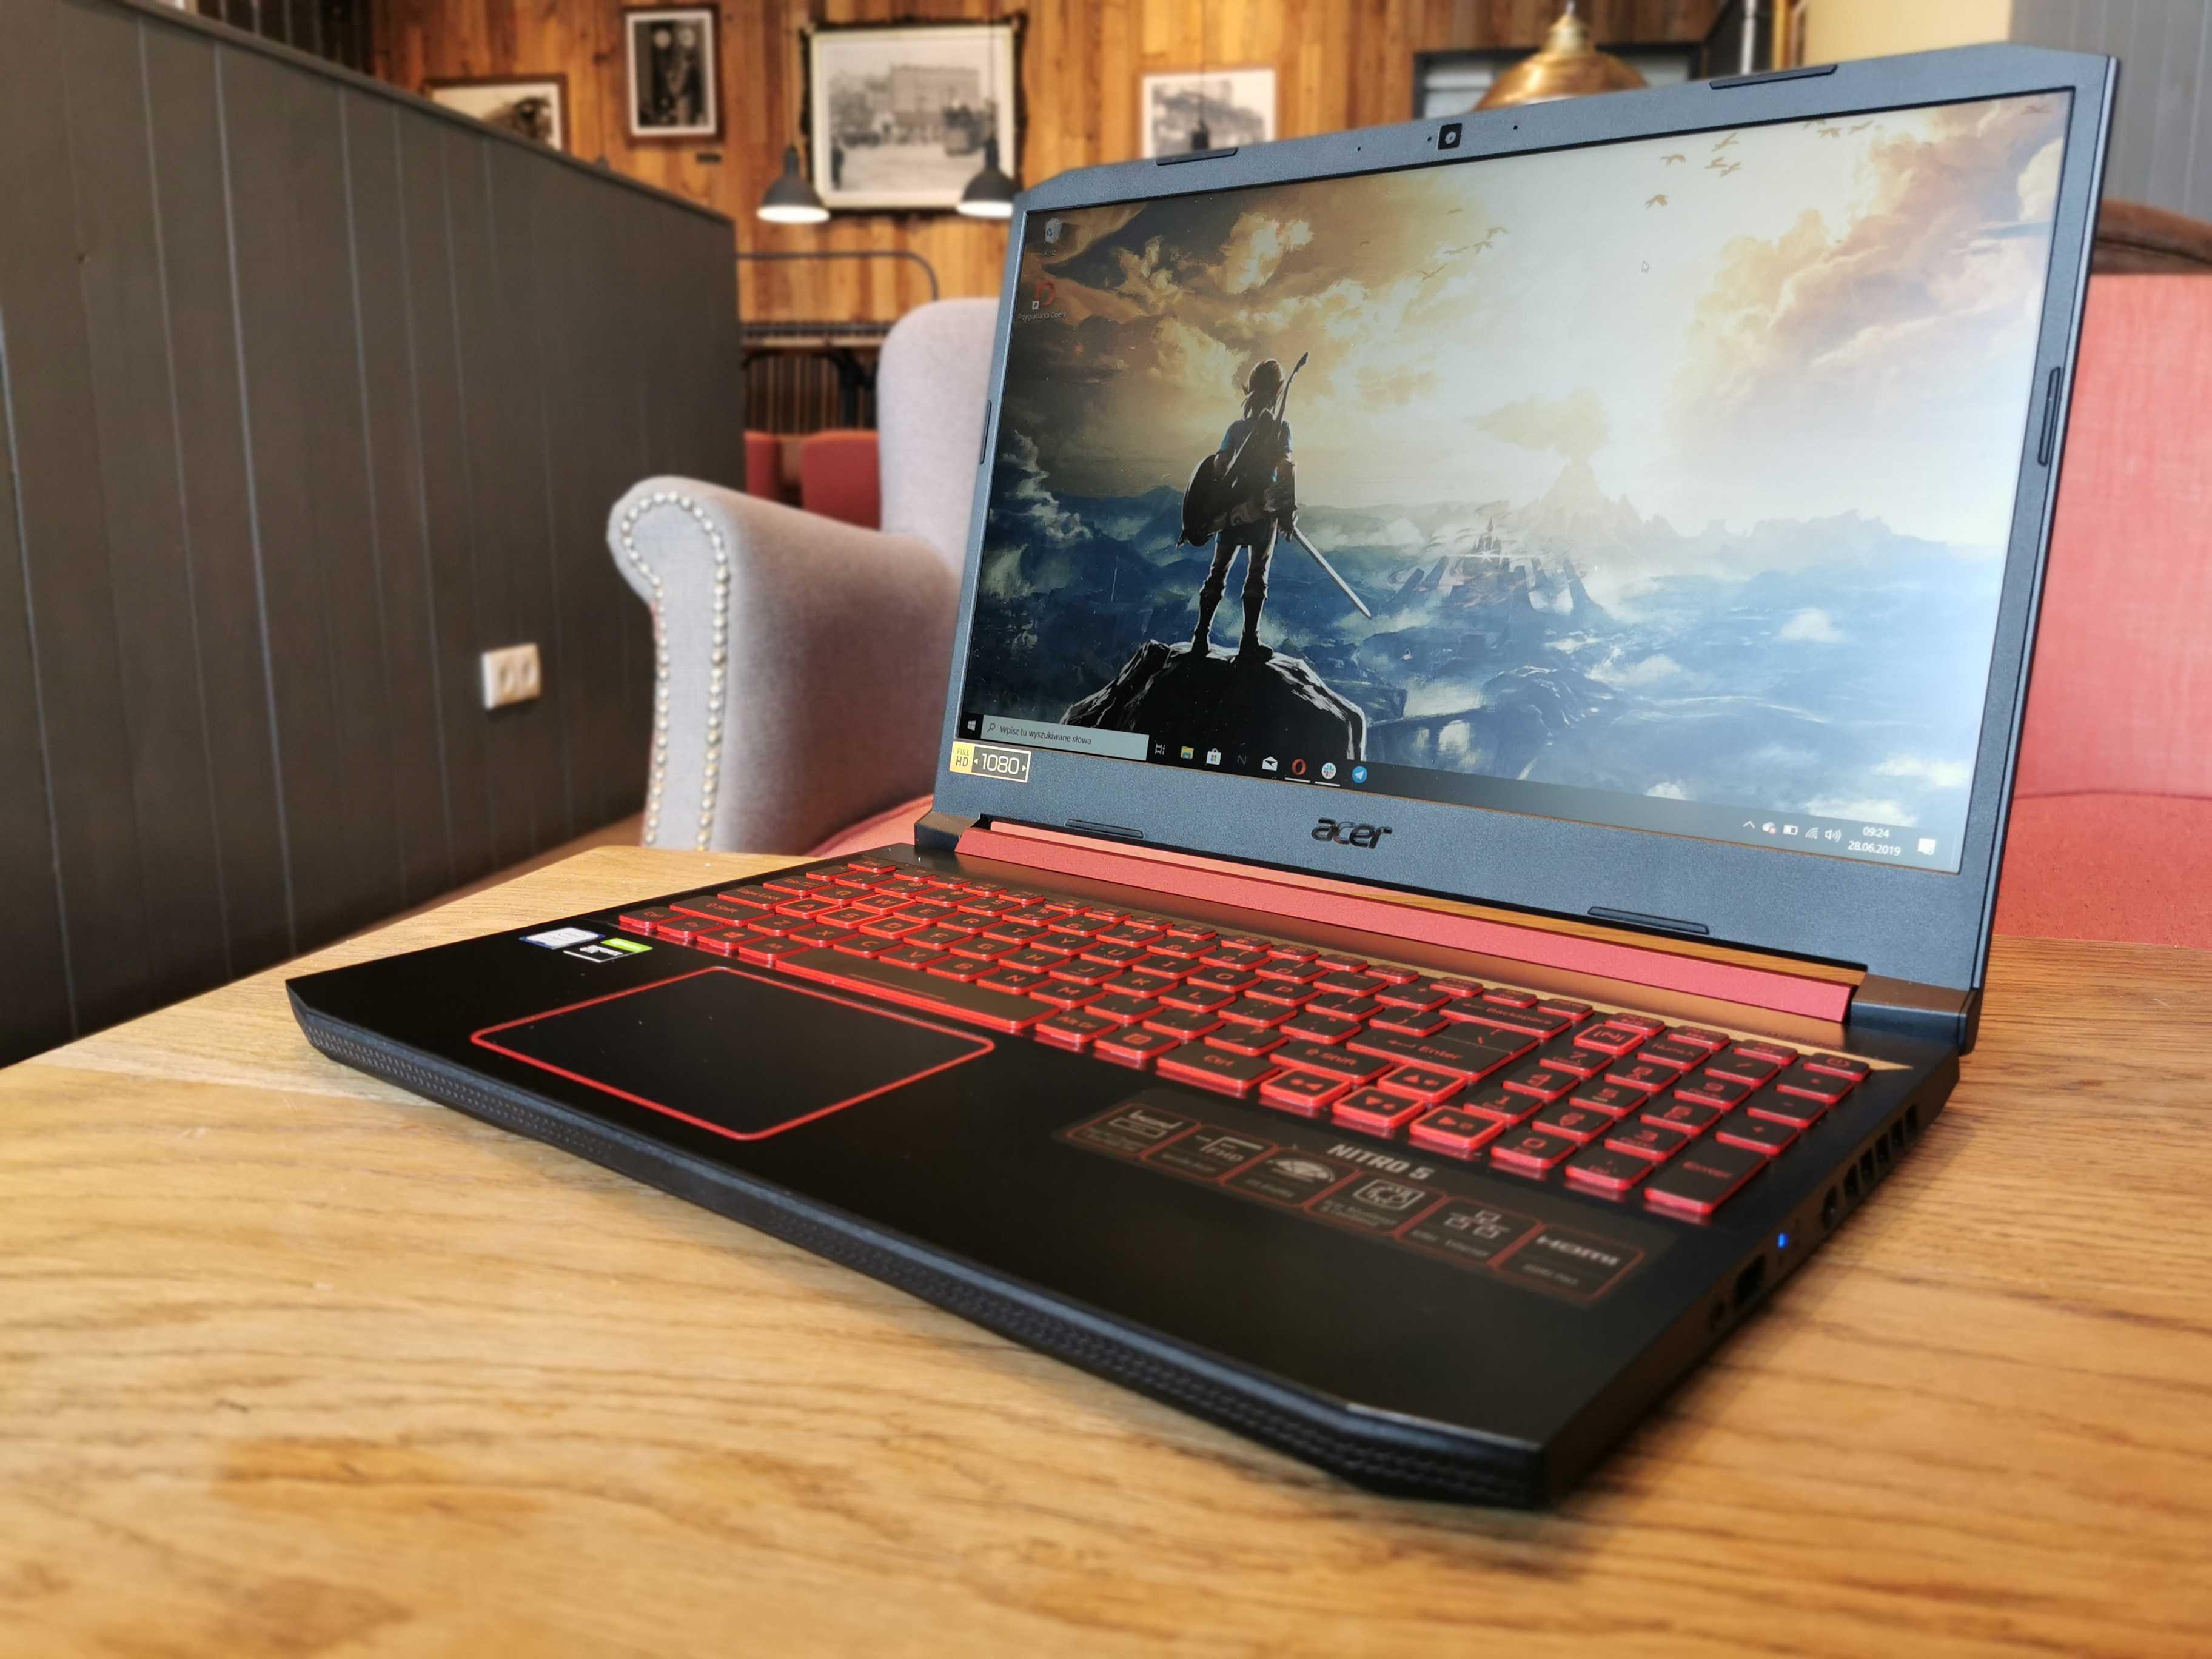 Nowy Acer Nitro 5 to świetny komputer do gier i nie tylko